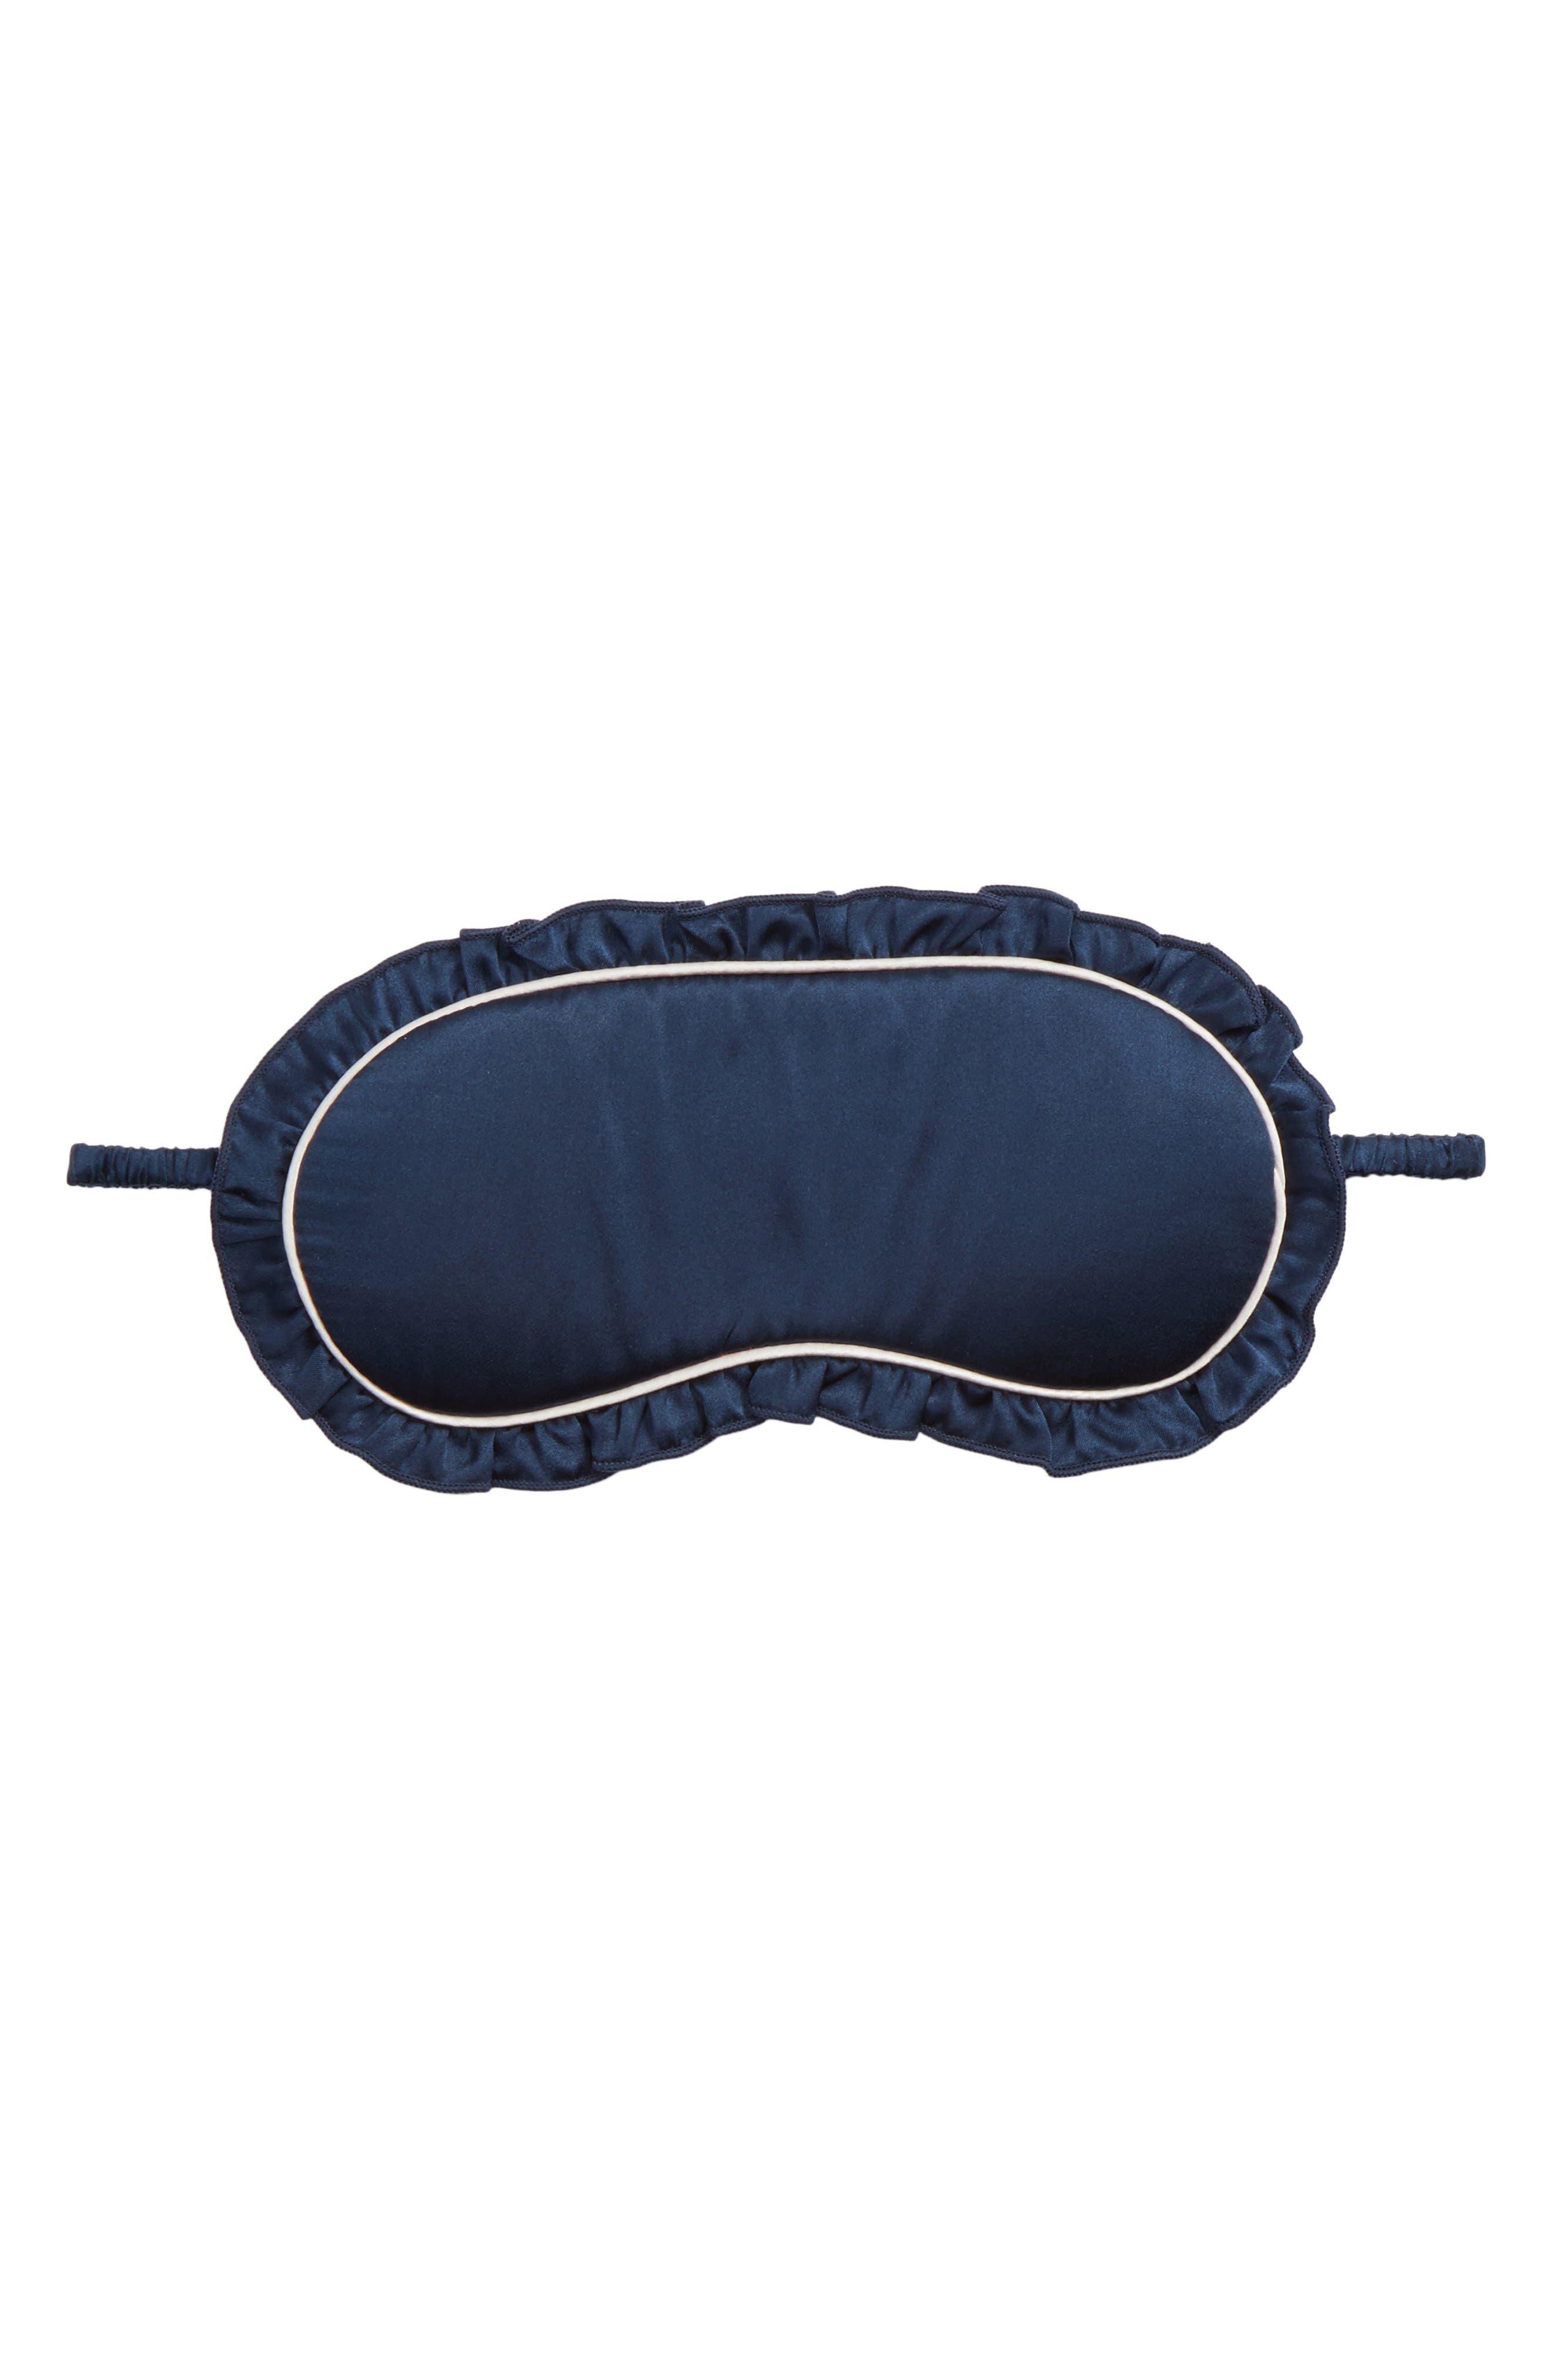 Silk Eye Mask,                         Main,                         color, Navy Indigo